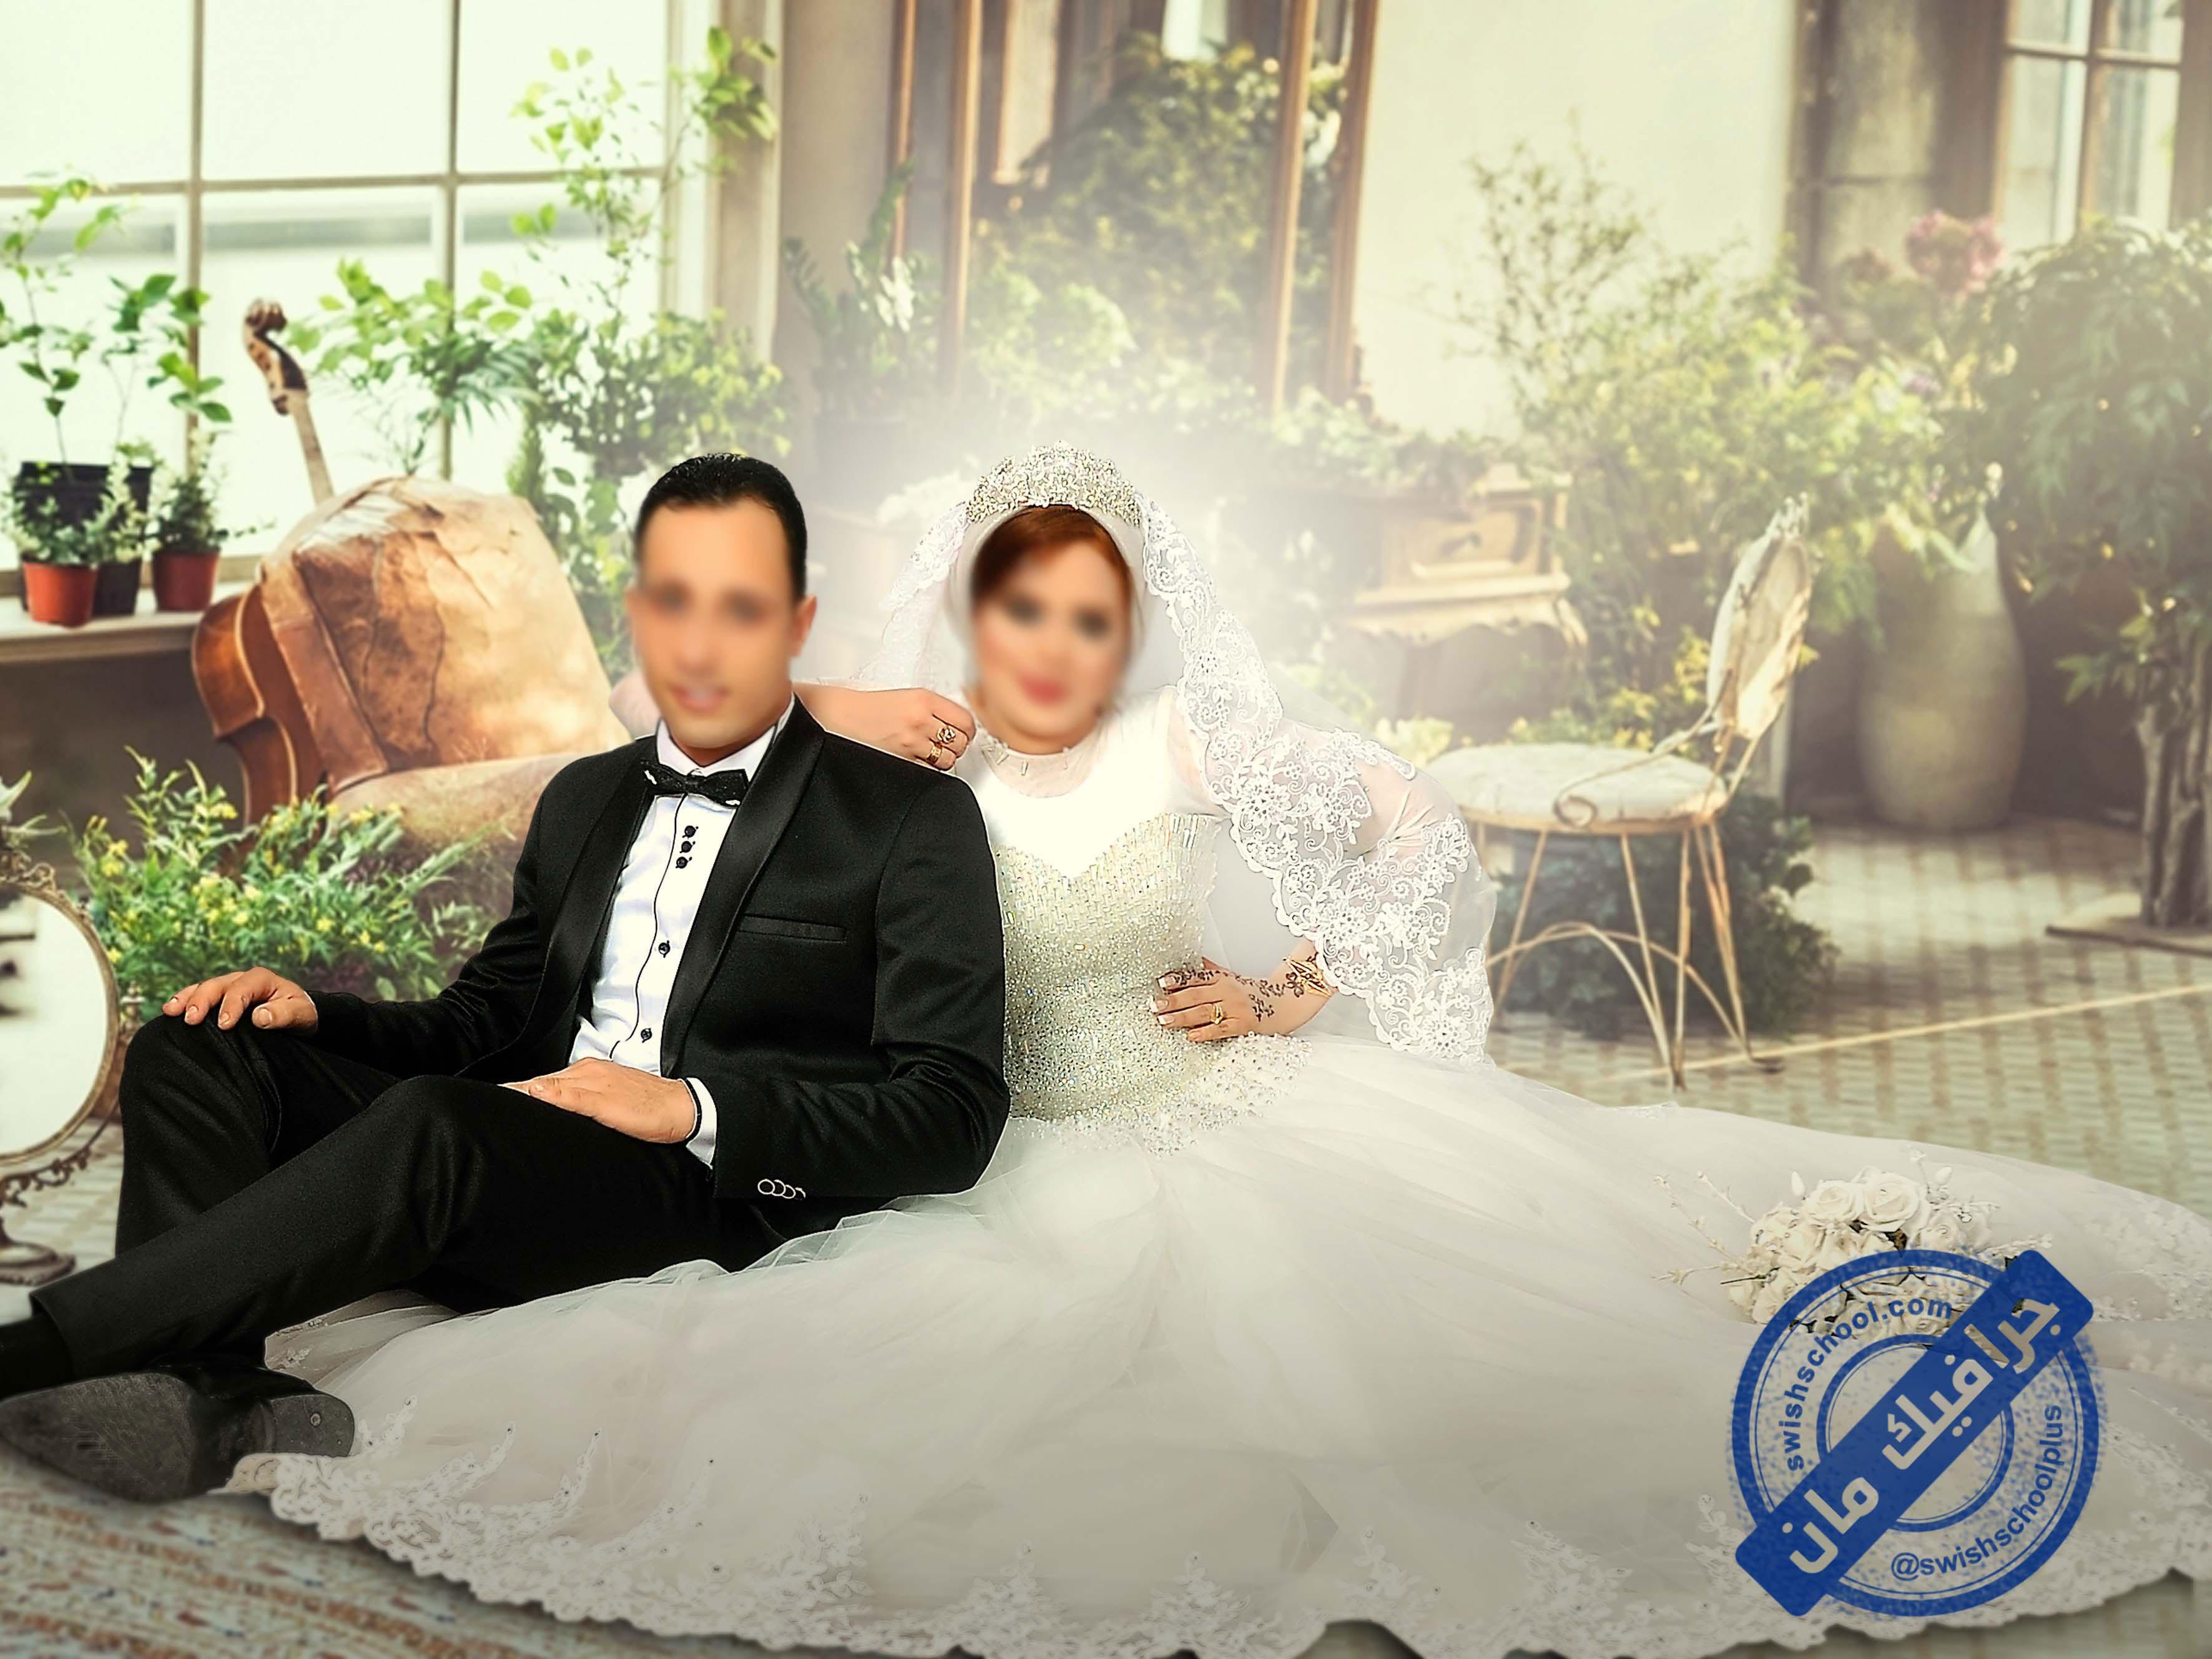 Romantic wedding designs 2 خلفيات عرايس رومانسيه psd للزفاف الجزء الاول